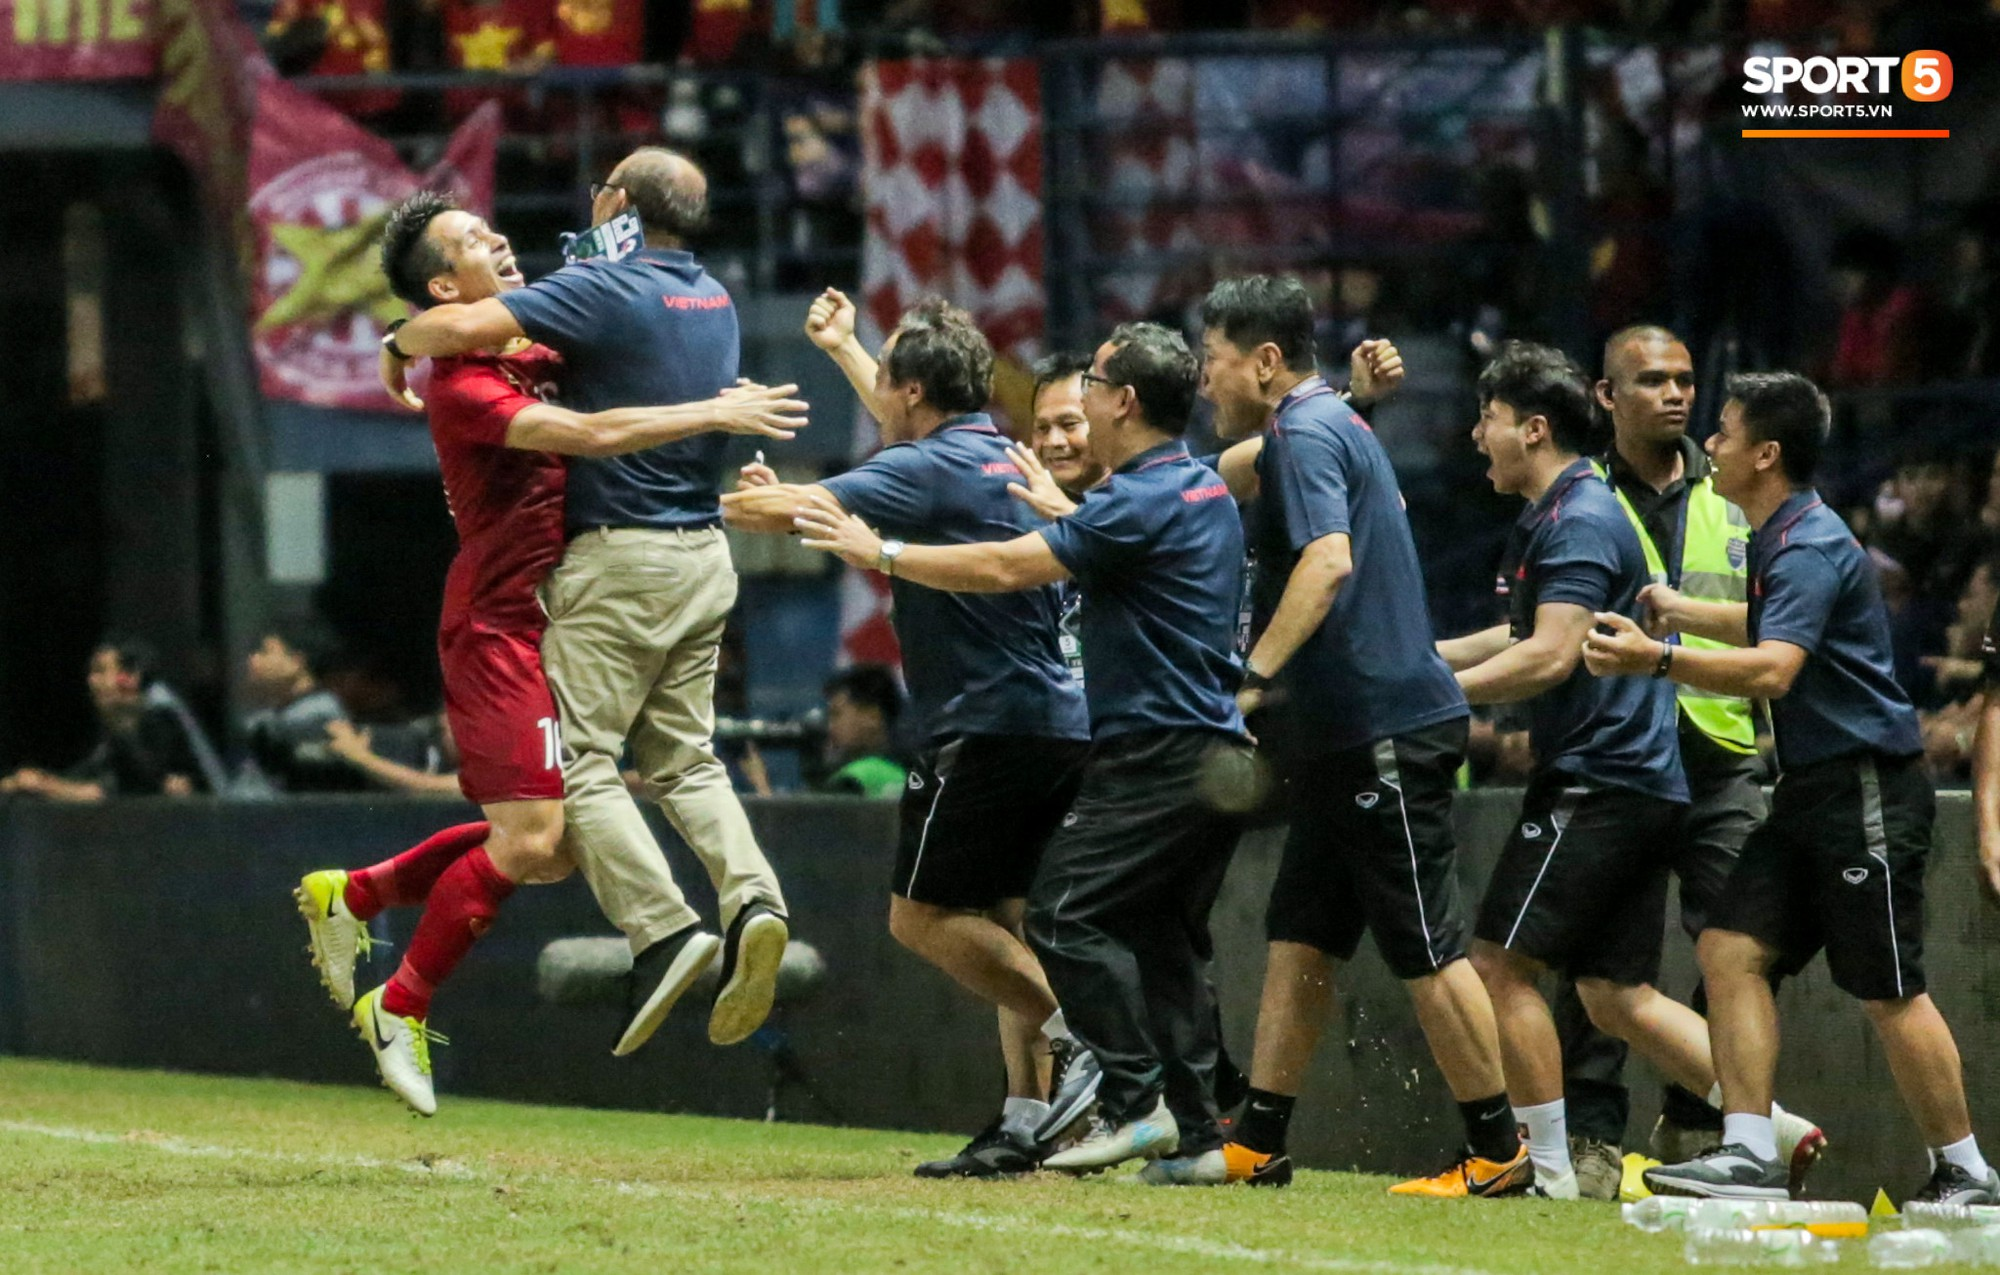 Hài hước: Tiền vệ tuyển Việt Nam bị trọng tài xin lại bụng bầu sau màn ăn mừng kinh điển-9